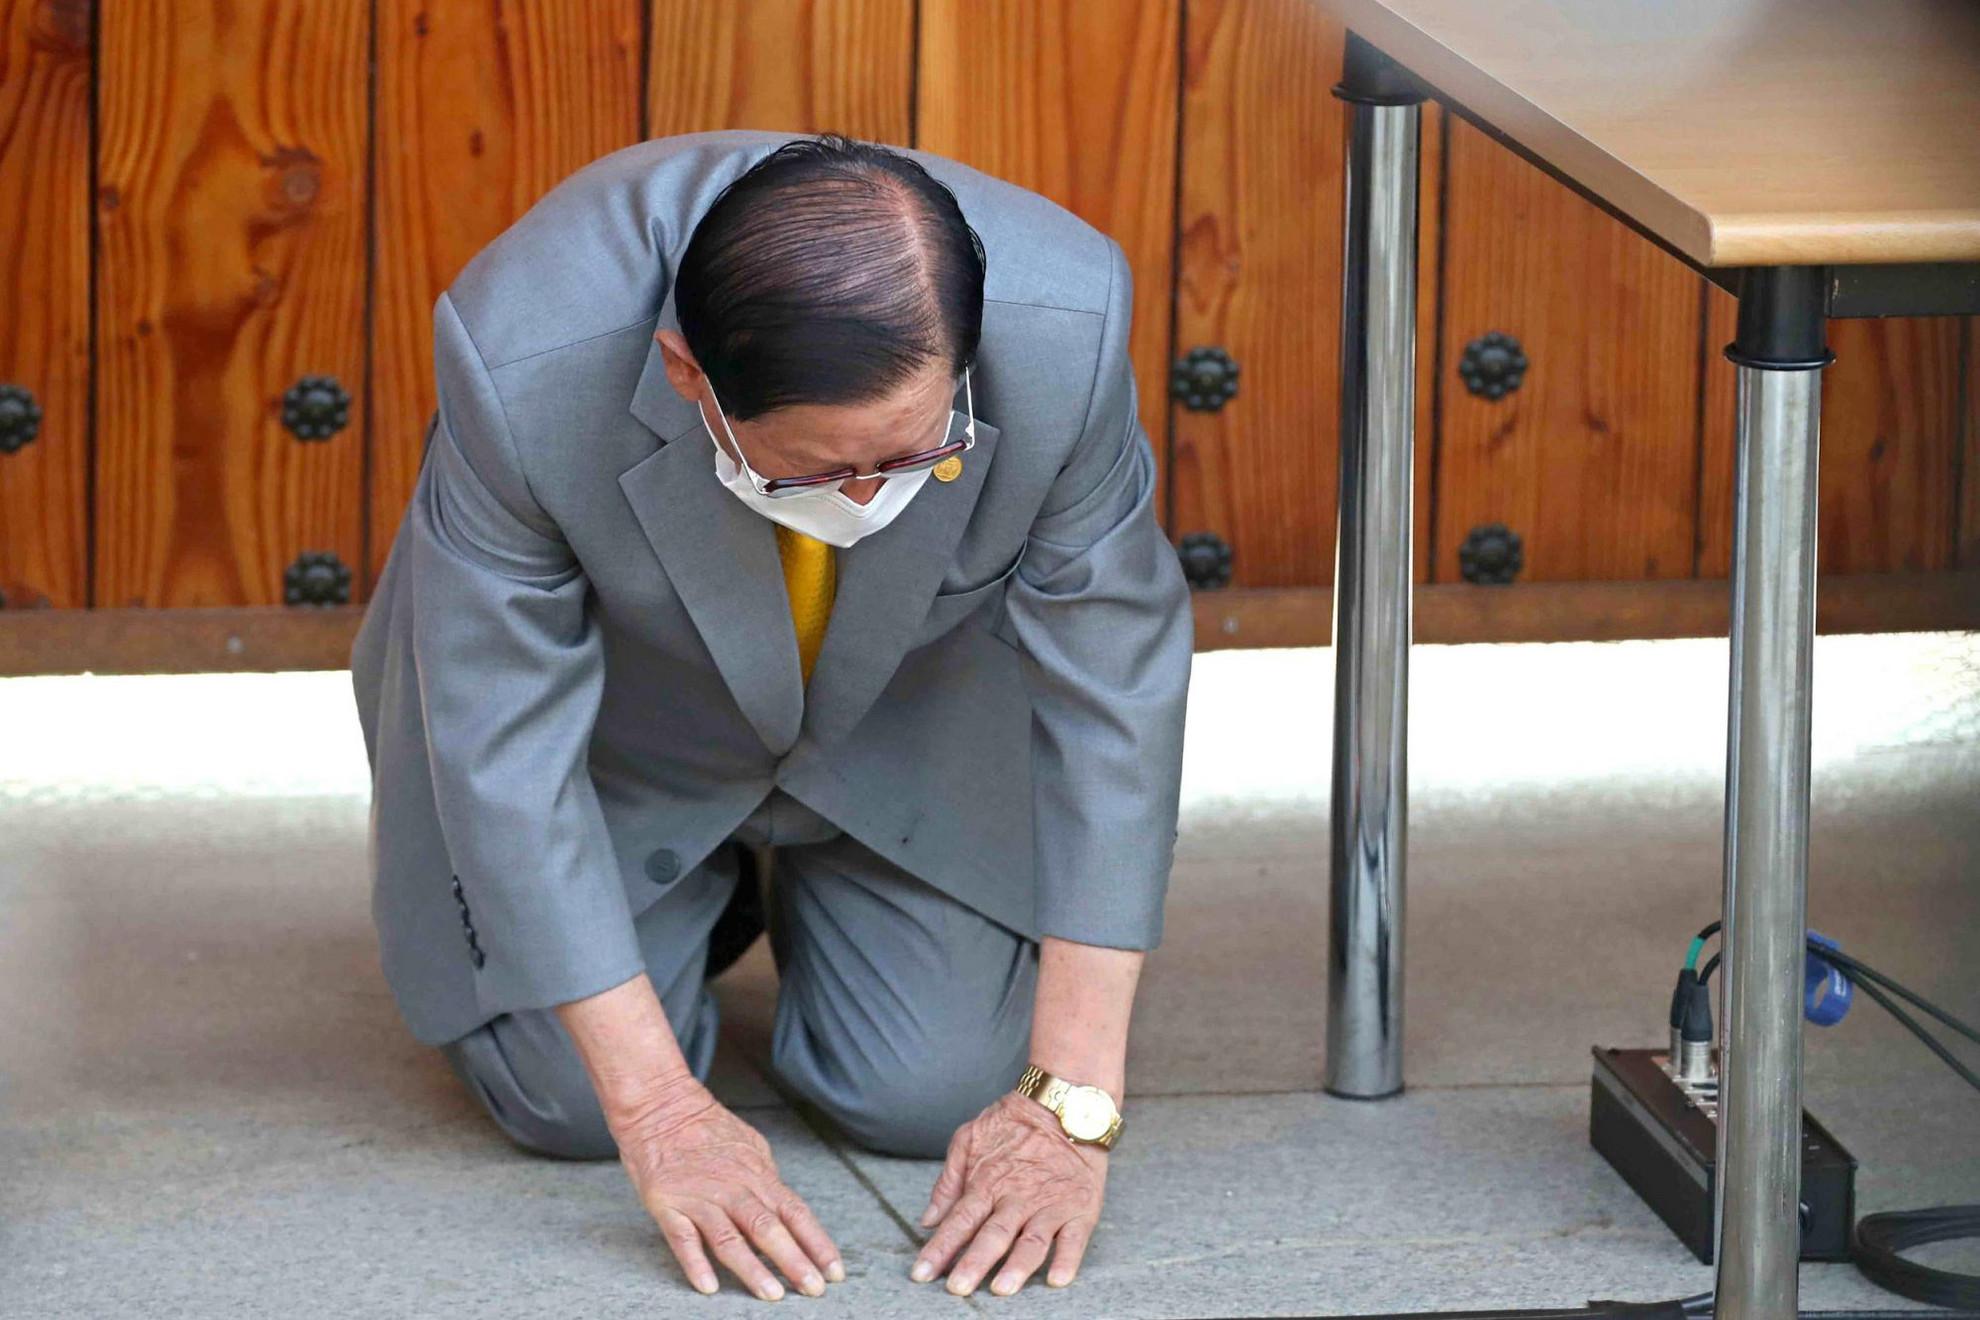 """Térden állva kért bocsánatot hétfőn Dél-Koreában a Sincshondzsi keresztény egyház vezetője és alapítója, amiért az irányítása alatt álló közösségtől indult ki a járvány az országban, amely miatt már több mint négyezren megfertőződtek. Az esetek hatvan százaléka köthető a szervezethez. """"Szeretnék őszinténbocsánatot kérni az emberektől egyházam nevében. Nem volt szándékos"""" – mondta Li Man Hi. A hatóságok emberölés gyanújával nyomoznak az egyház vezetői, köztük Li Man Hi ellen is. A vád szerint eltitkolták egyes híveik adatait a hatóságok elől, amikor azok próbálták felkutatni a fertőzötteket a járvány megfékezése érdekében. (VB)"""